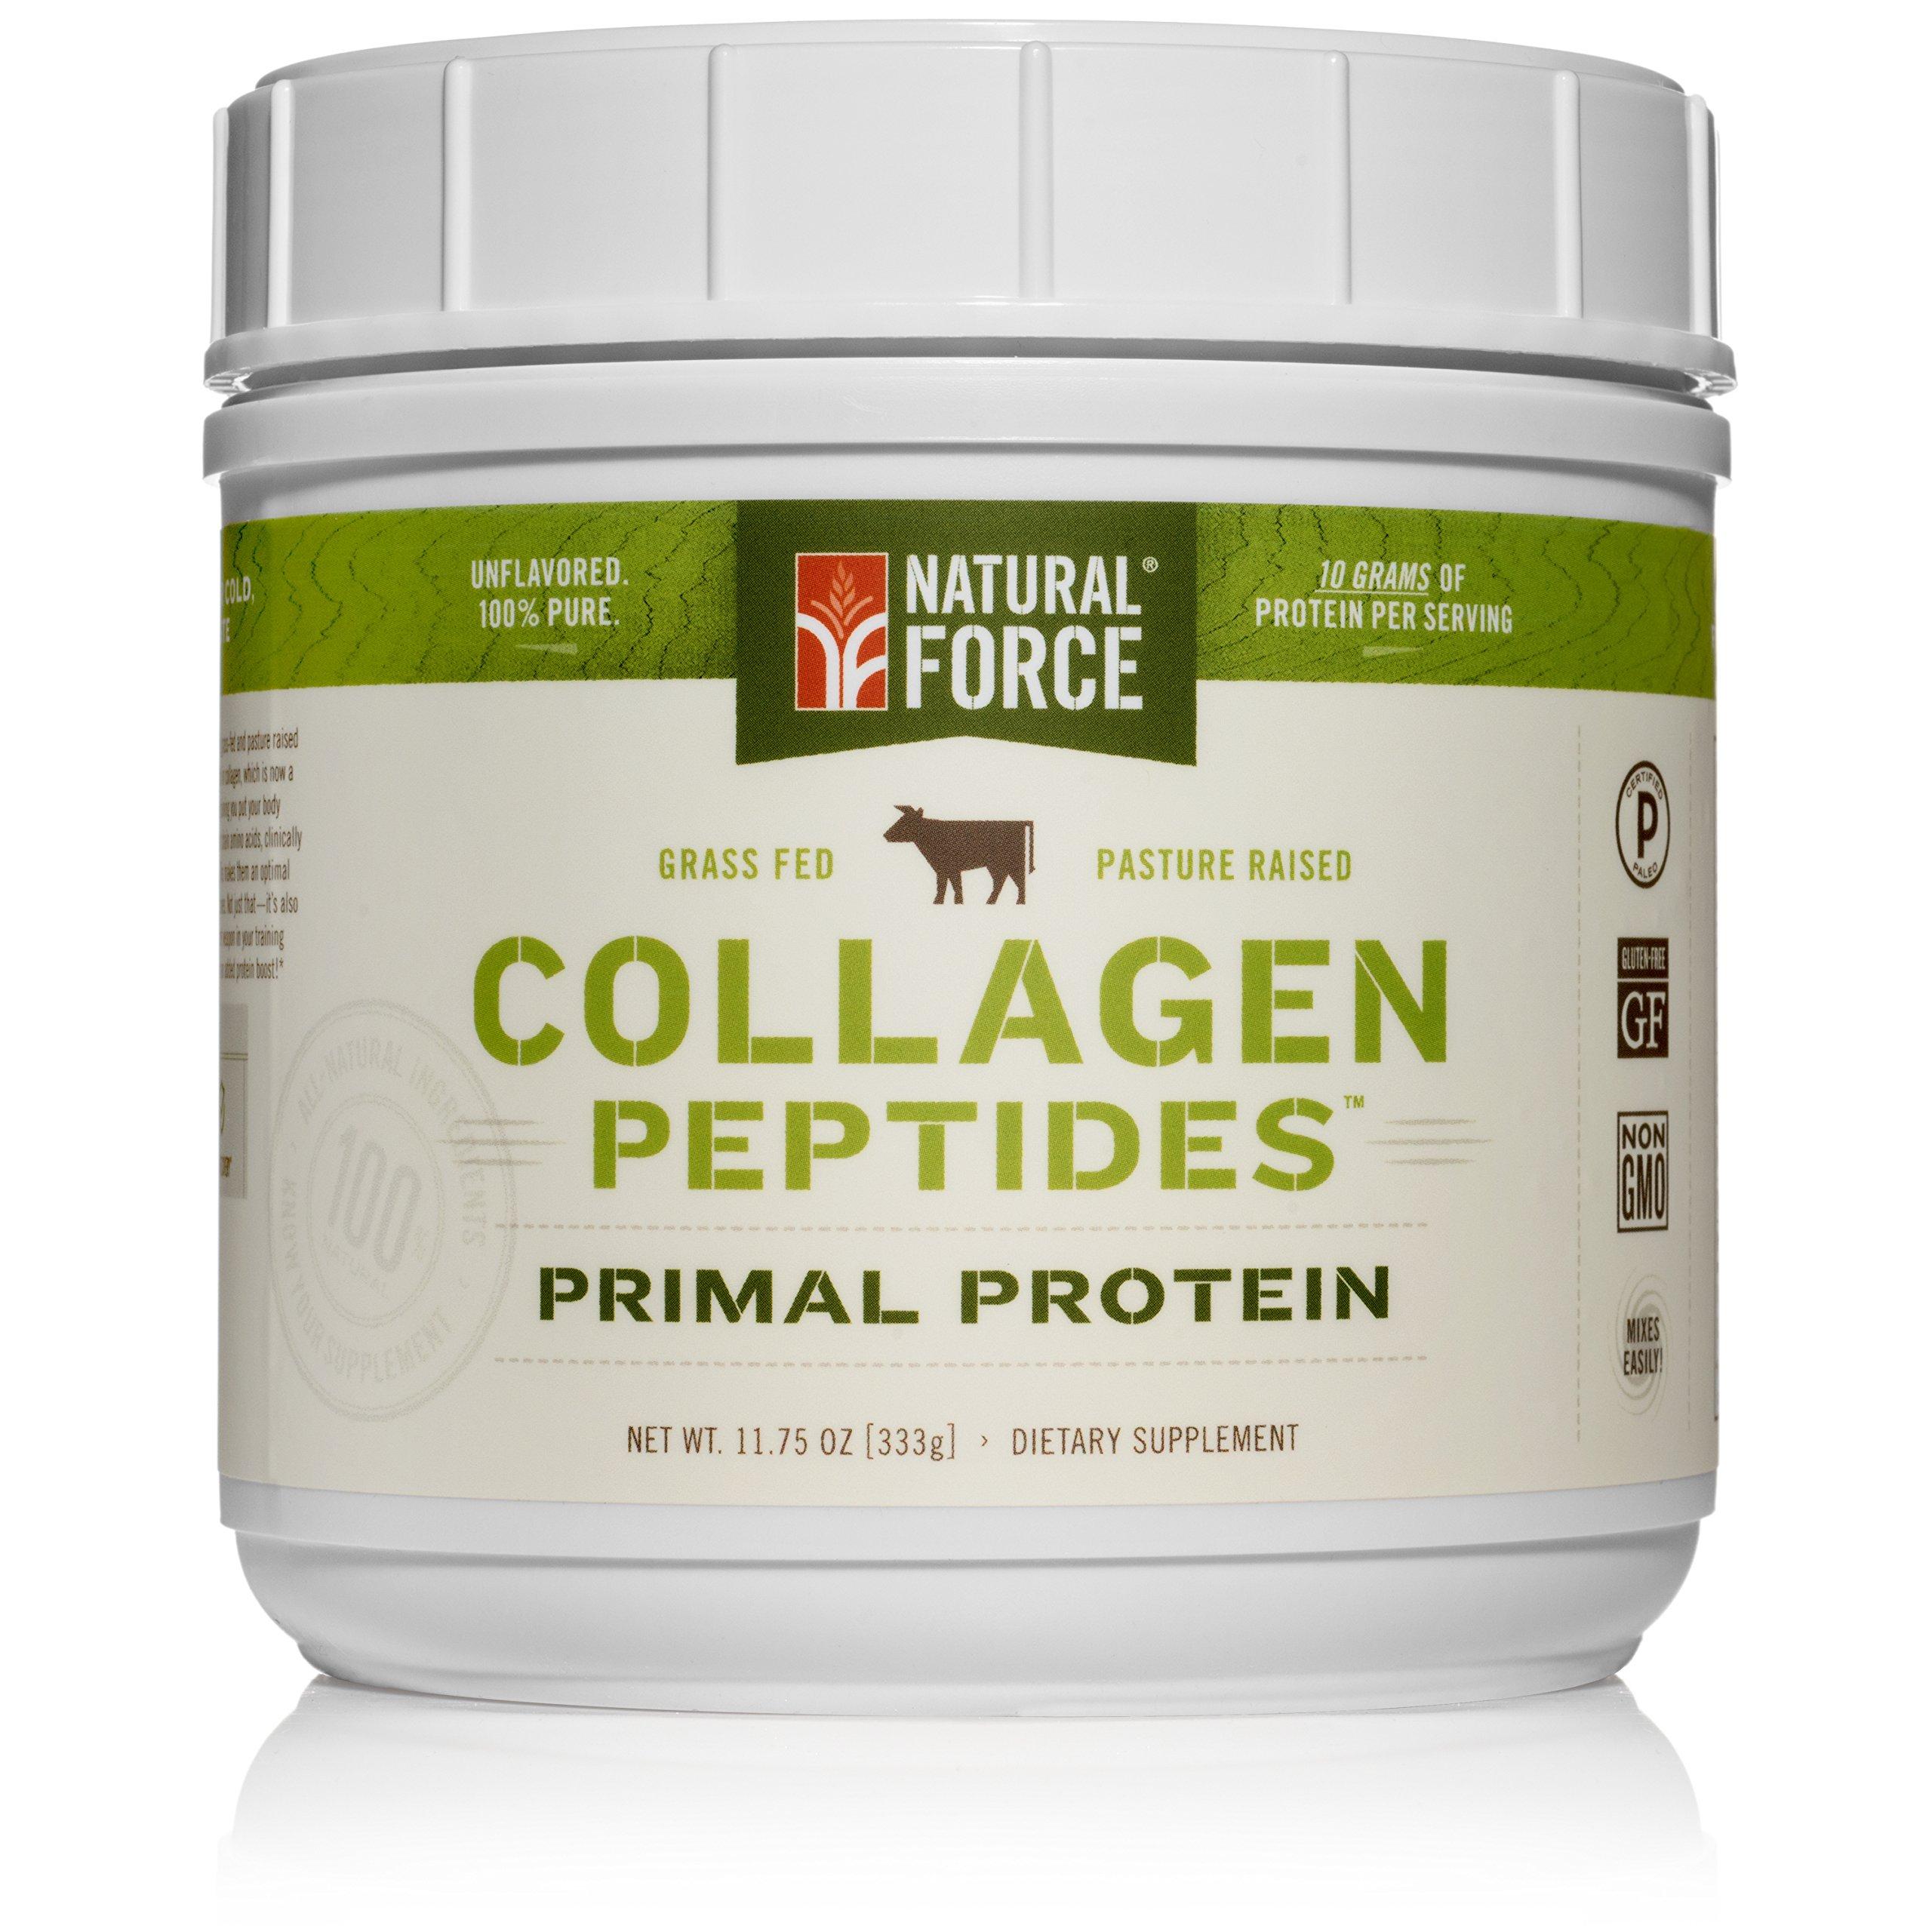 Natural Force® Collagen Protein *TOP RANKED COLLAGEN SUPPLEMENT* Grass Fed Collagen Hydrolysate – Natural Collagen Peptides Paleo Protein Powder, Type I, Non-GMO, Gluten Free